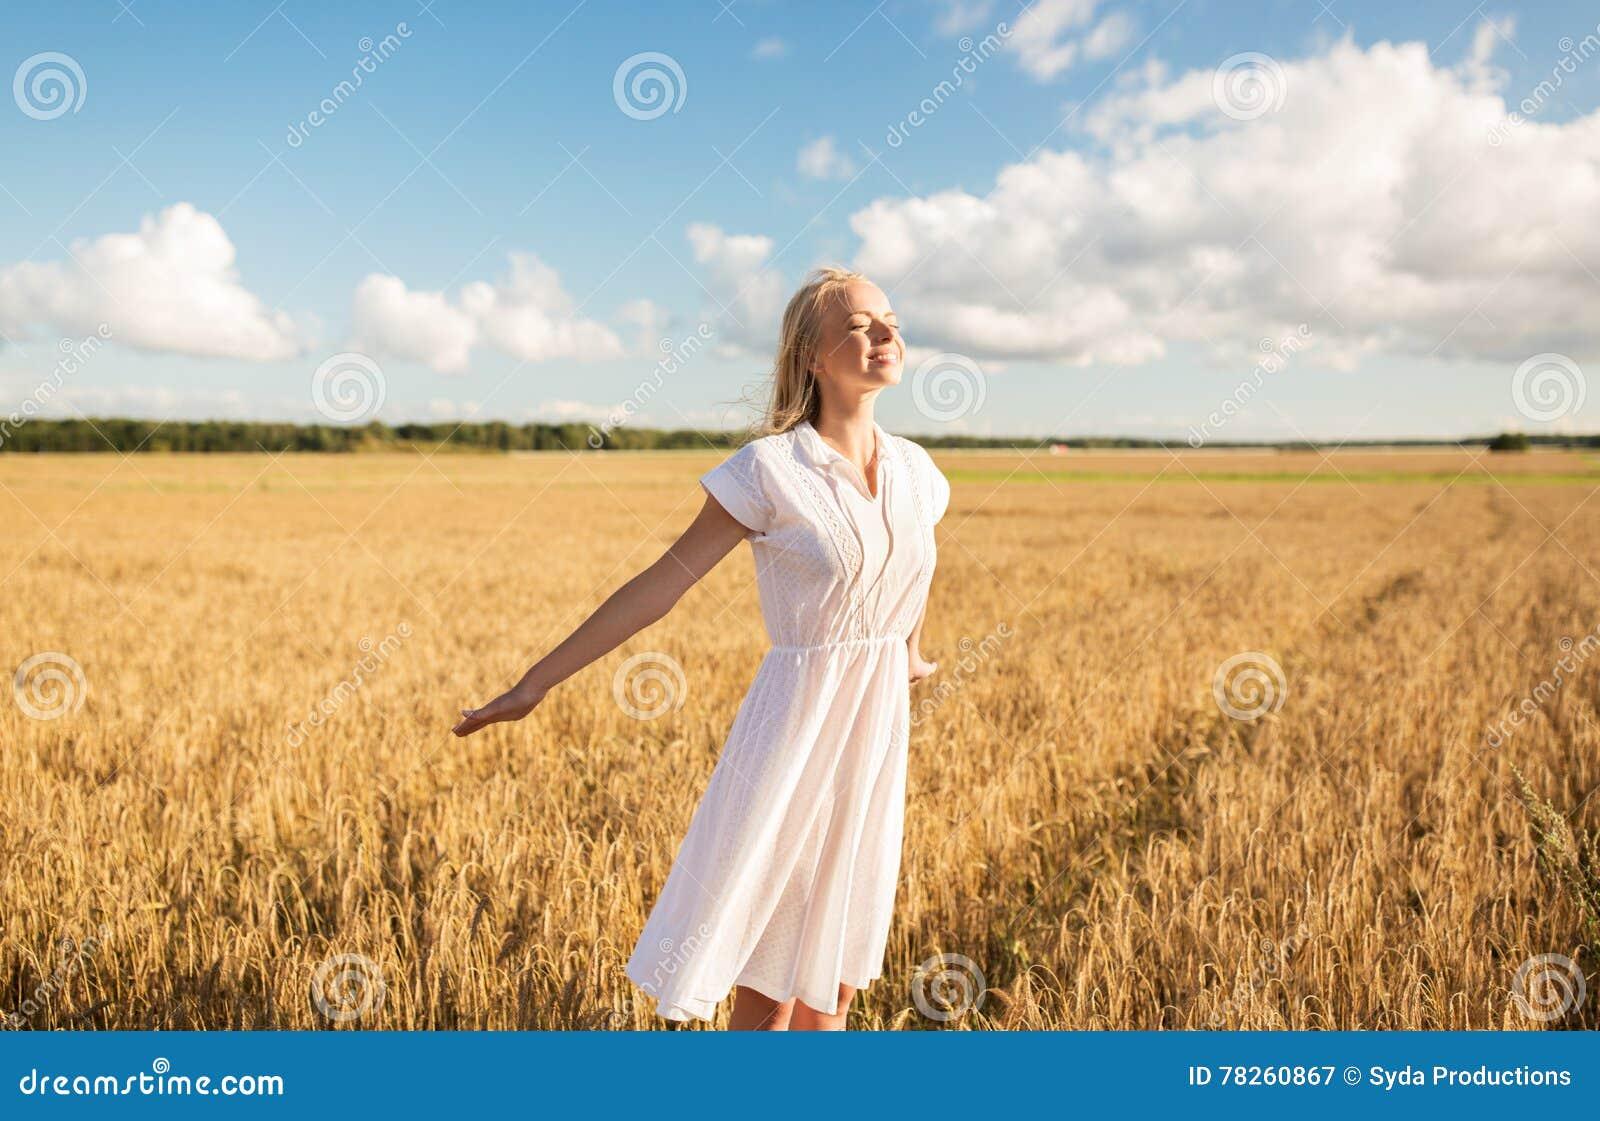 Χαμογελώντας νέα γυναίκα στο άσπρο φόρεμα στον τομέα δημητριακών